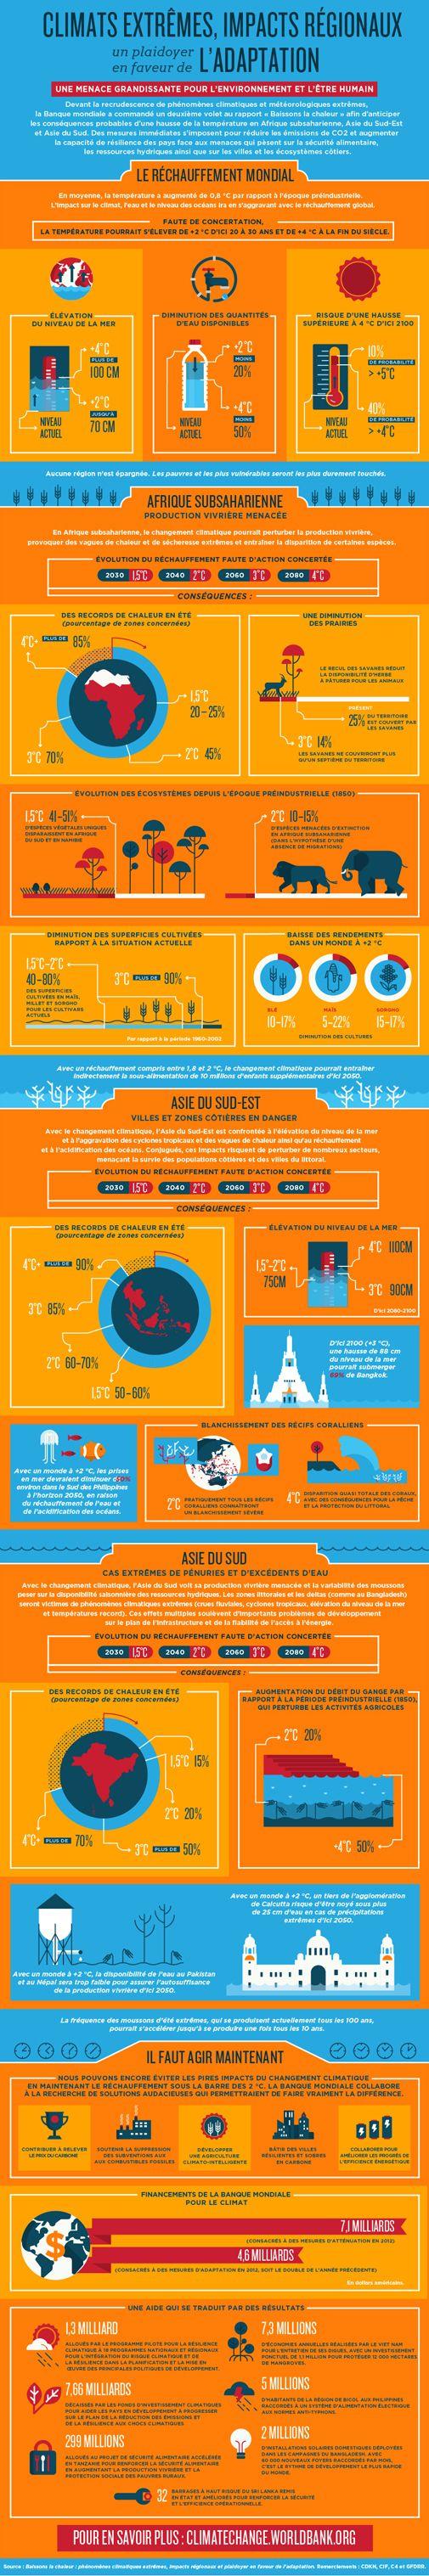 Infographie – Changement climatique : quelles conséquences pour l'Afrique et l'Asie?